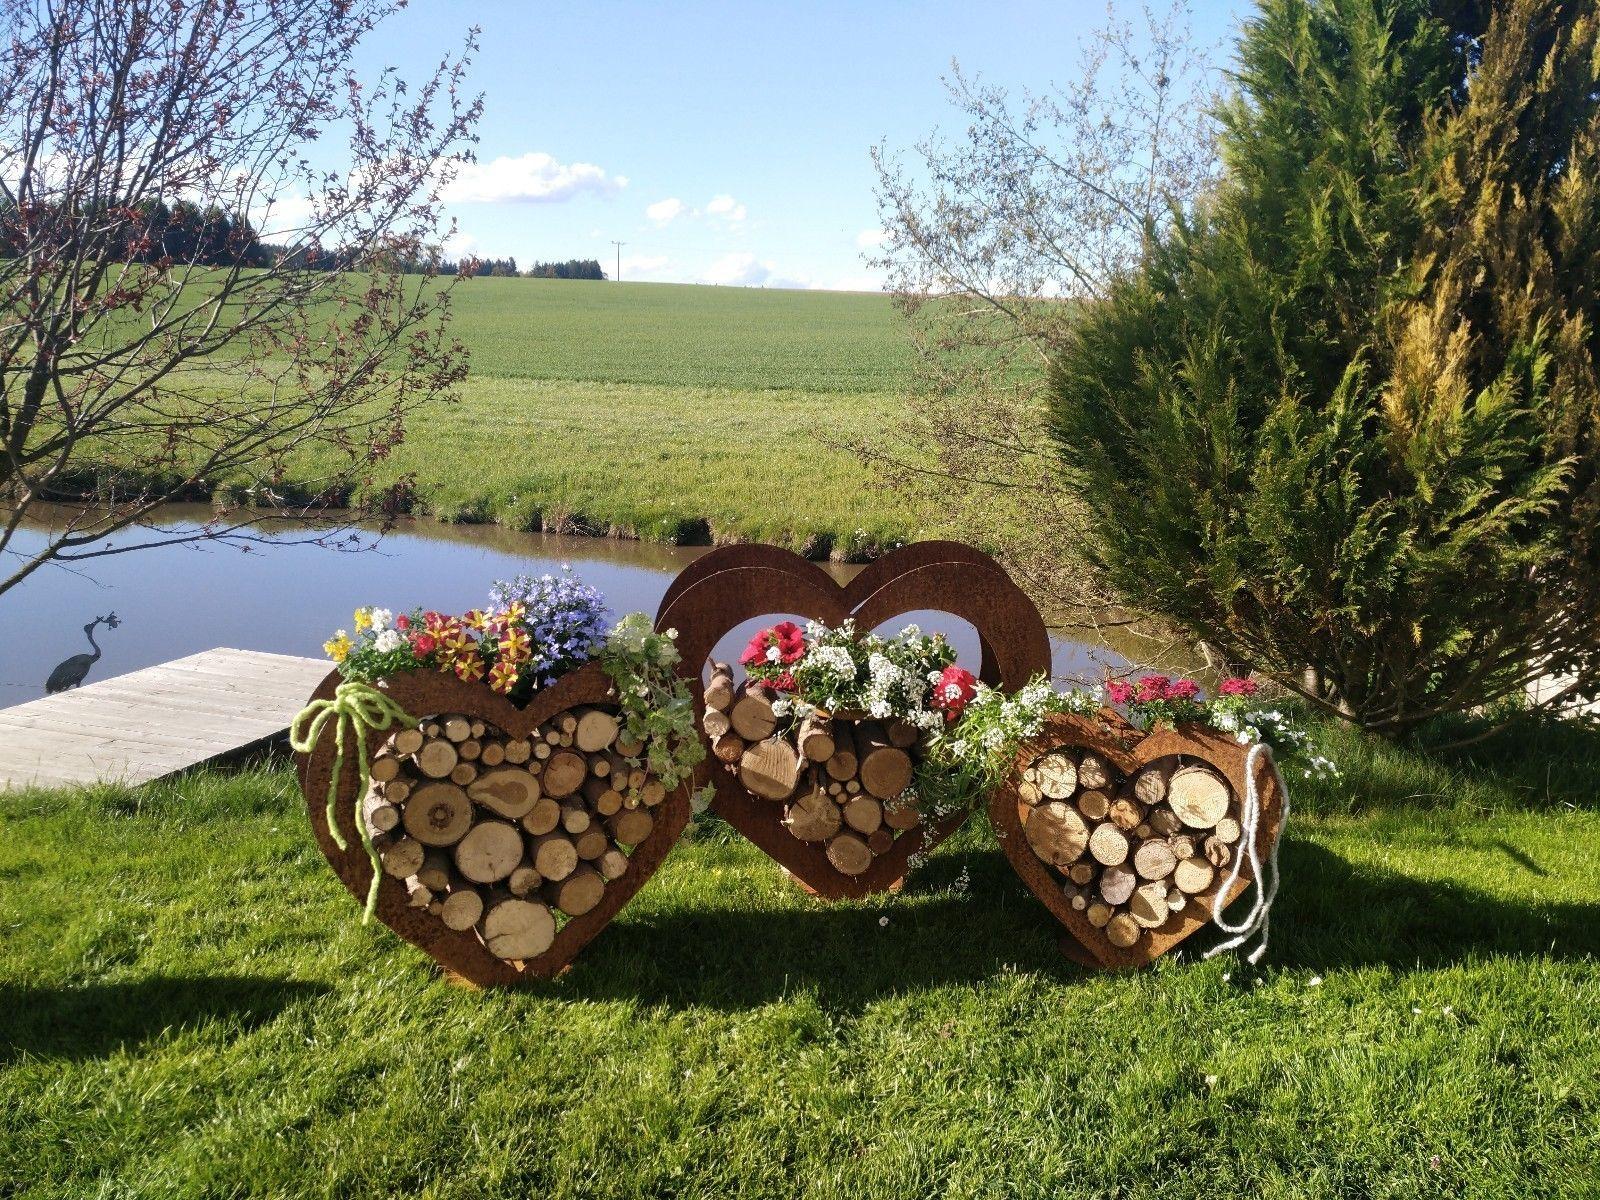 Herz Aus Metall Holz Regal Edel Rost Garten Terrasse Deko Riesig Ebay Rost Deko Garten Holzgitter Garten Terrasse